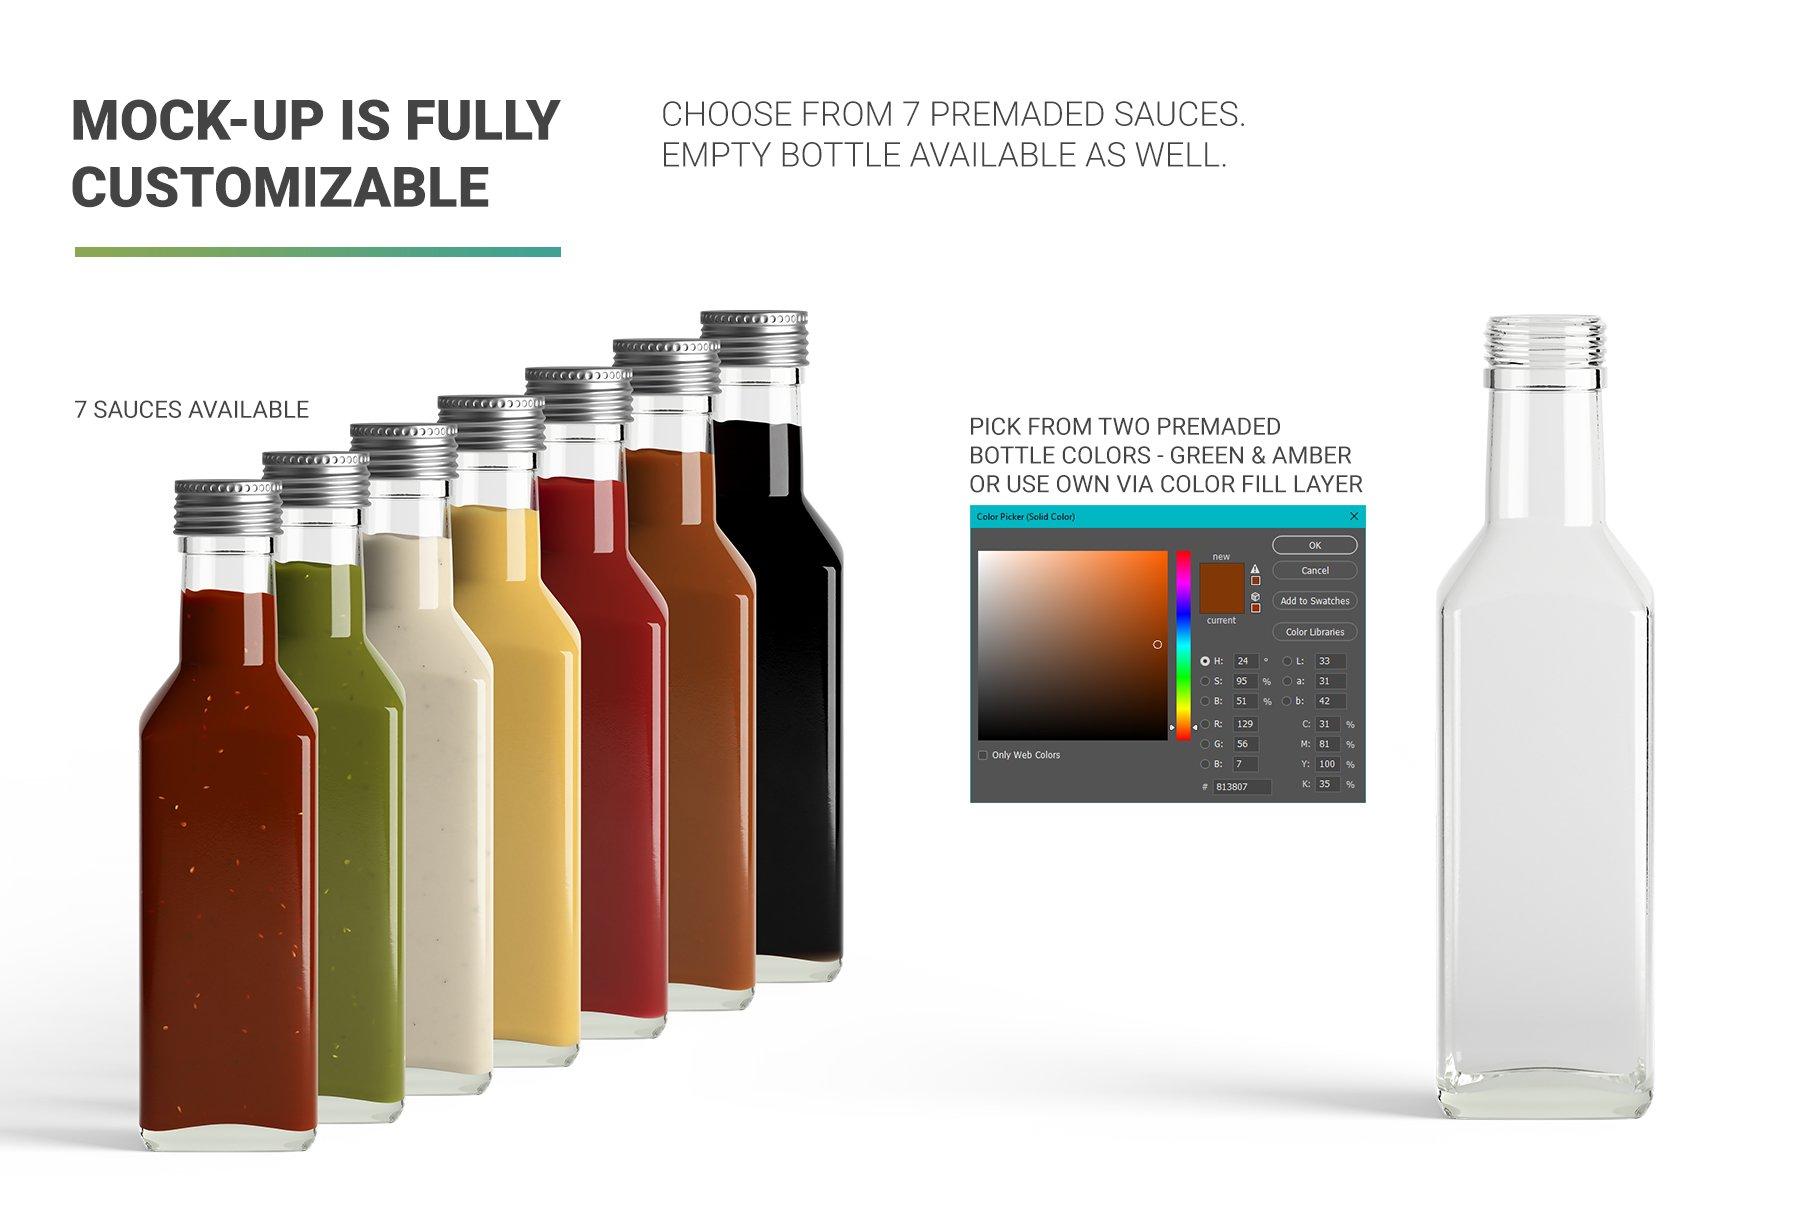 方形玻璃果酱酱油瓶样机 Sauce Bottle Mockup插图(1)